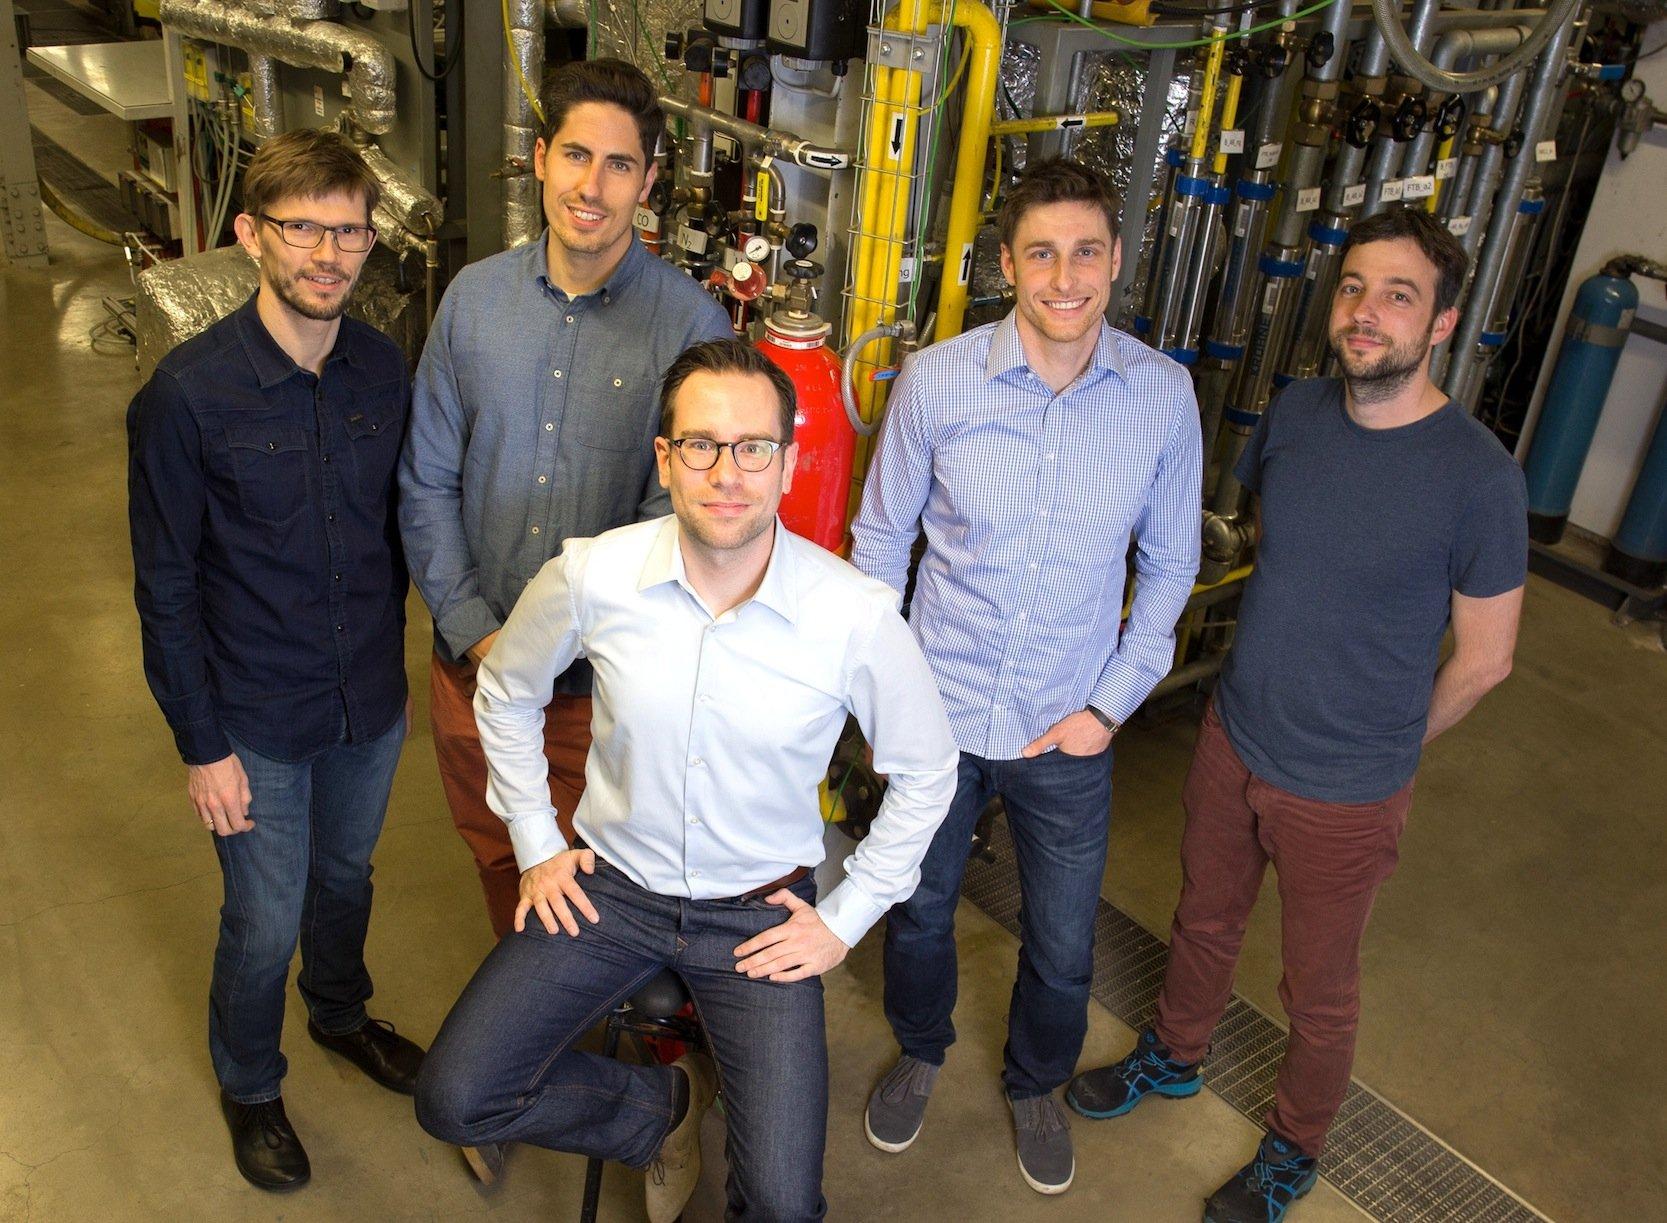 Diese Ingenieure der TU Wien haben das Verfahren entwickelt, bei dem Gas verbrannt wird, ohne dass CO2 in die Luft geblasen wird(v.l.n.r.):Karl Mayer, Robert Pachler, Stefan Penthor (sitzend), Michael Stollhof und Stephan Piesenberger.